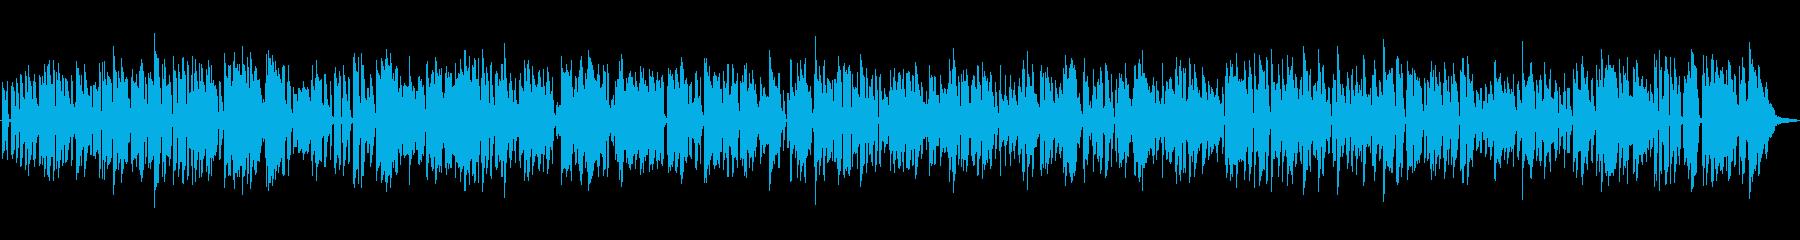 朝ドラで流れるレトロで古めかしいジャズの再生済みの波形